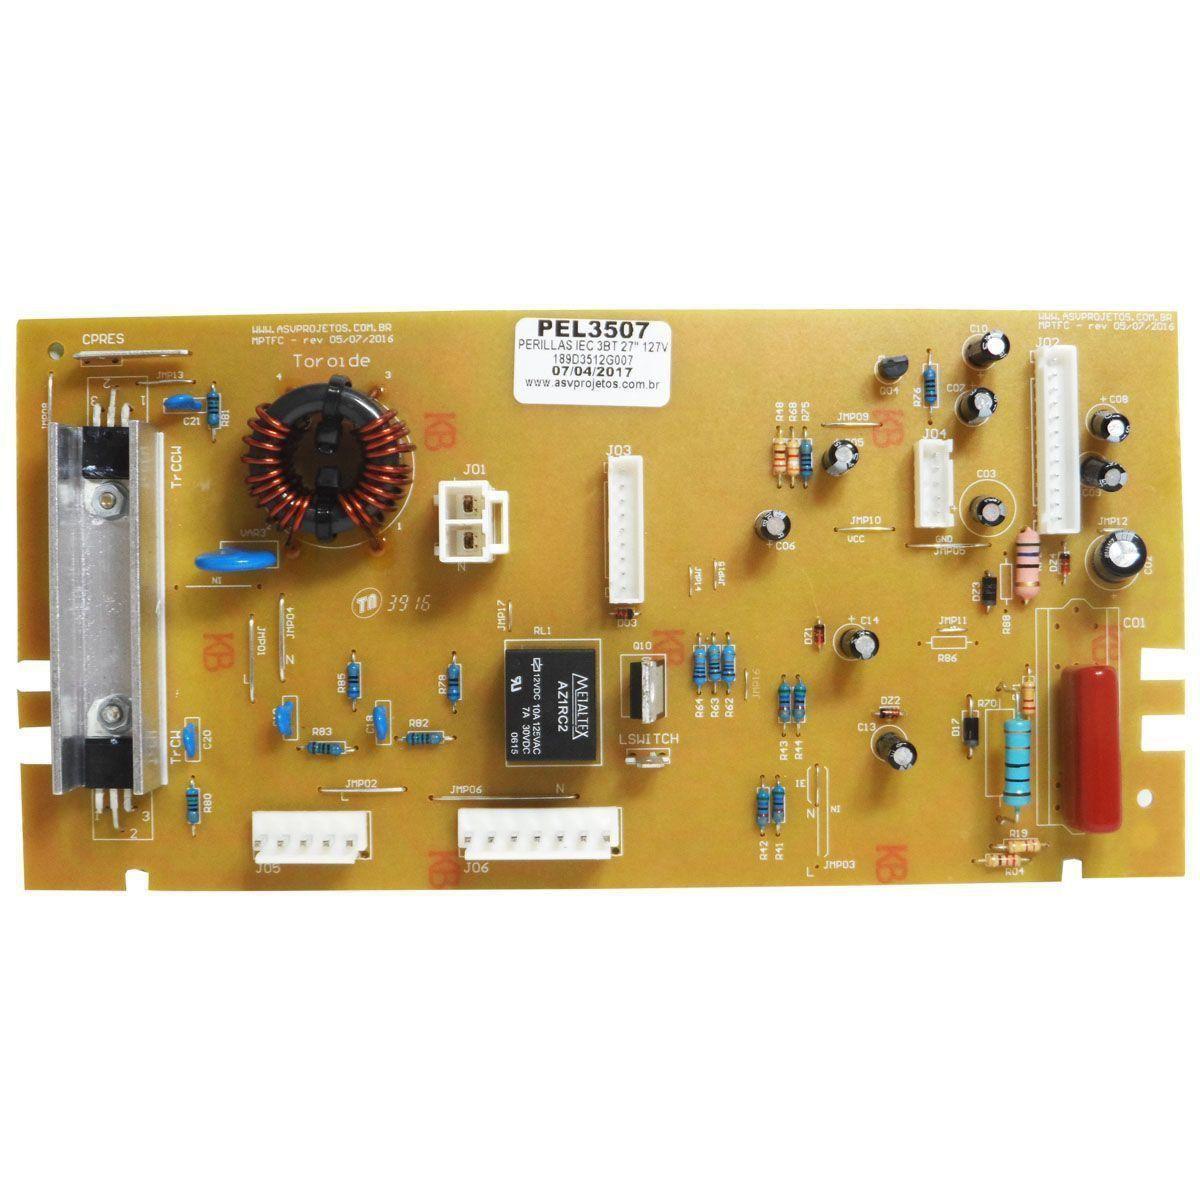 Placa Eletrônica Potência Lavadora GE 127V 189D3512G007 ASV